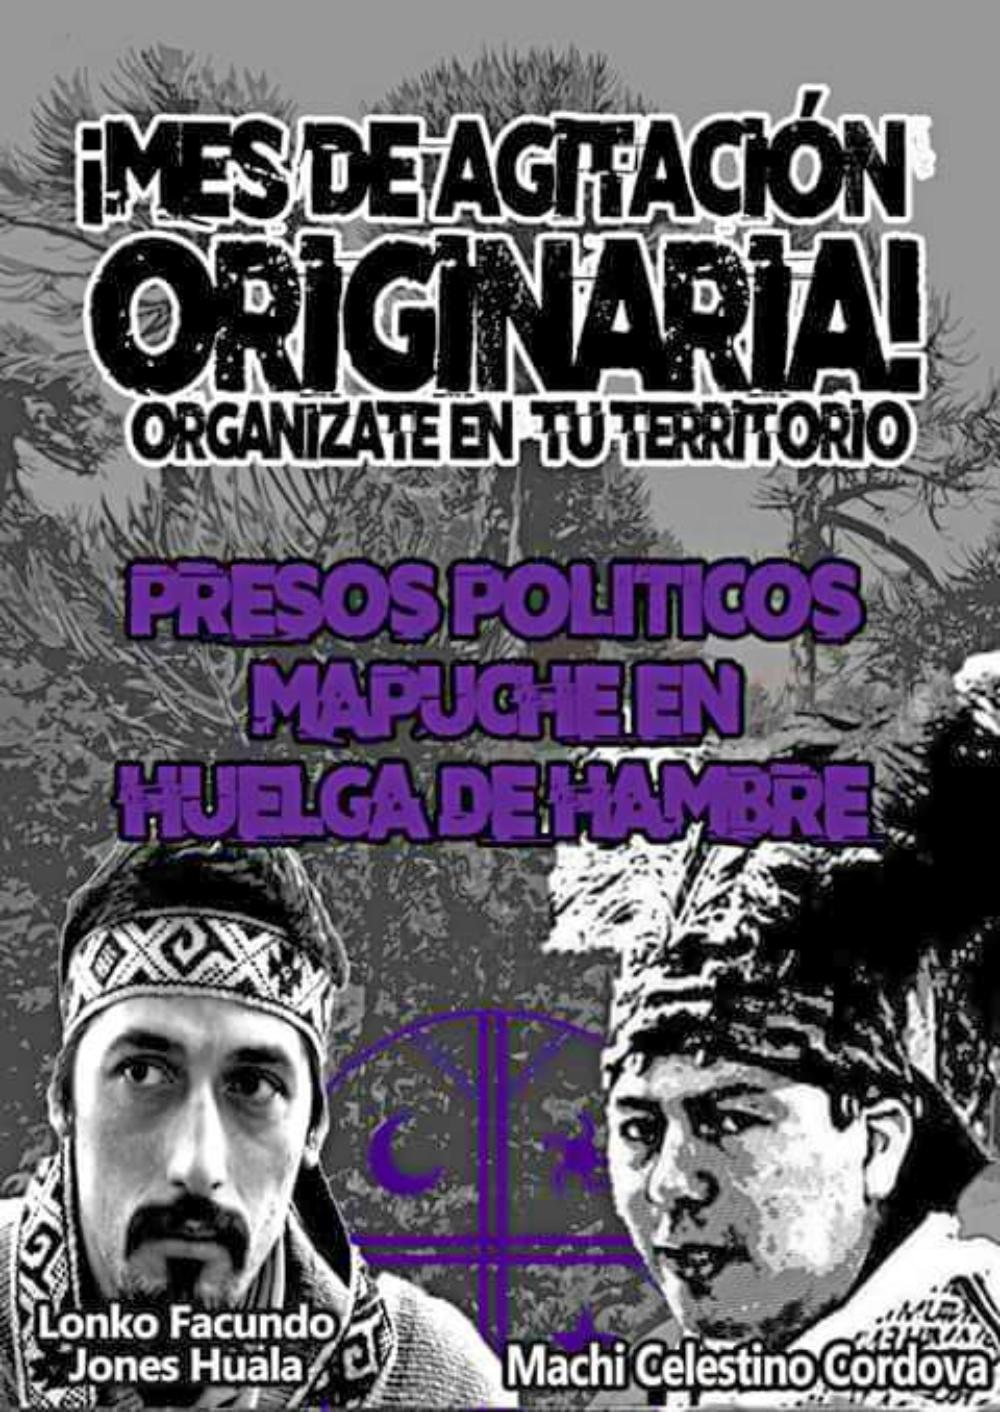 Resolución de las Comunidades alineadas al Movimiento Mapuche Autónomo del Puel Mapu